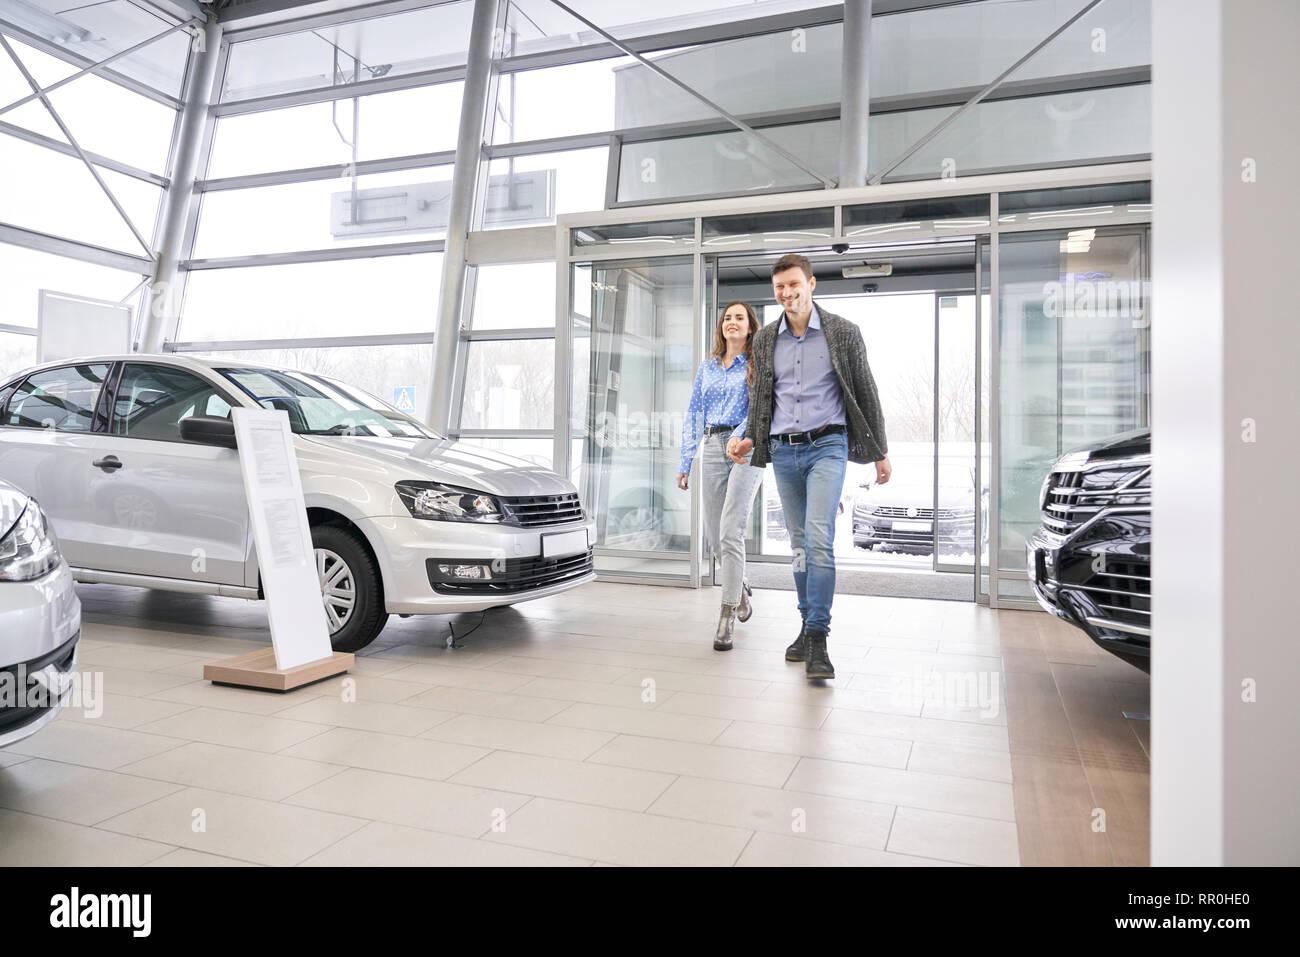 Hermosa pareja caminando en concesionario showroom, tomados de las manos y se van. Encantadora y hermosa mujer hombre sonriendo, posando y observando los automóviles en alquiler centro. Imagen De Stock